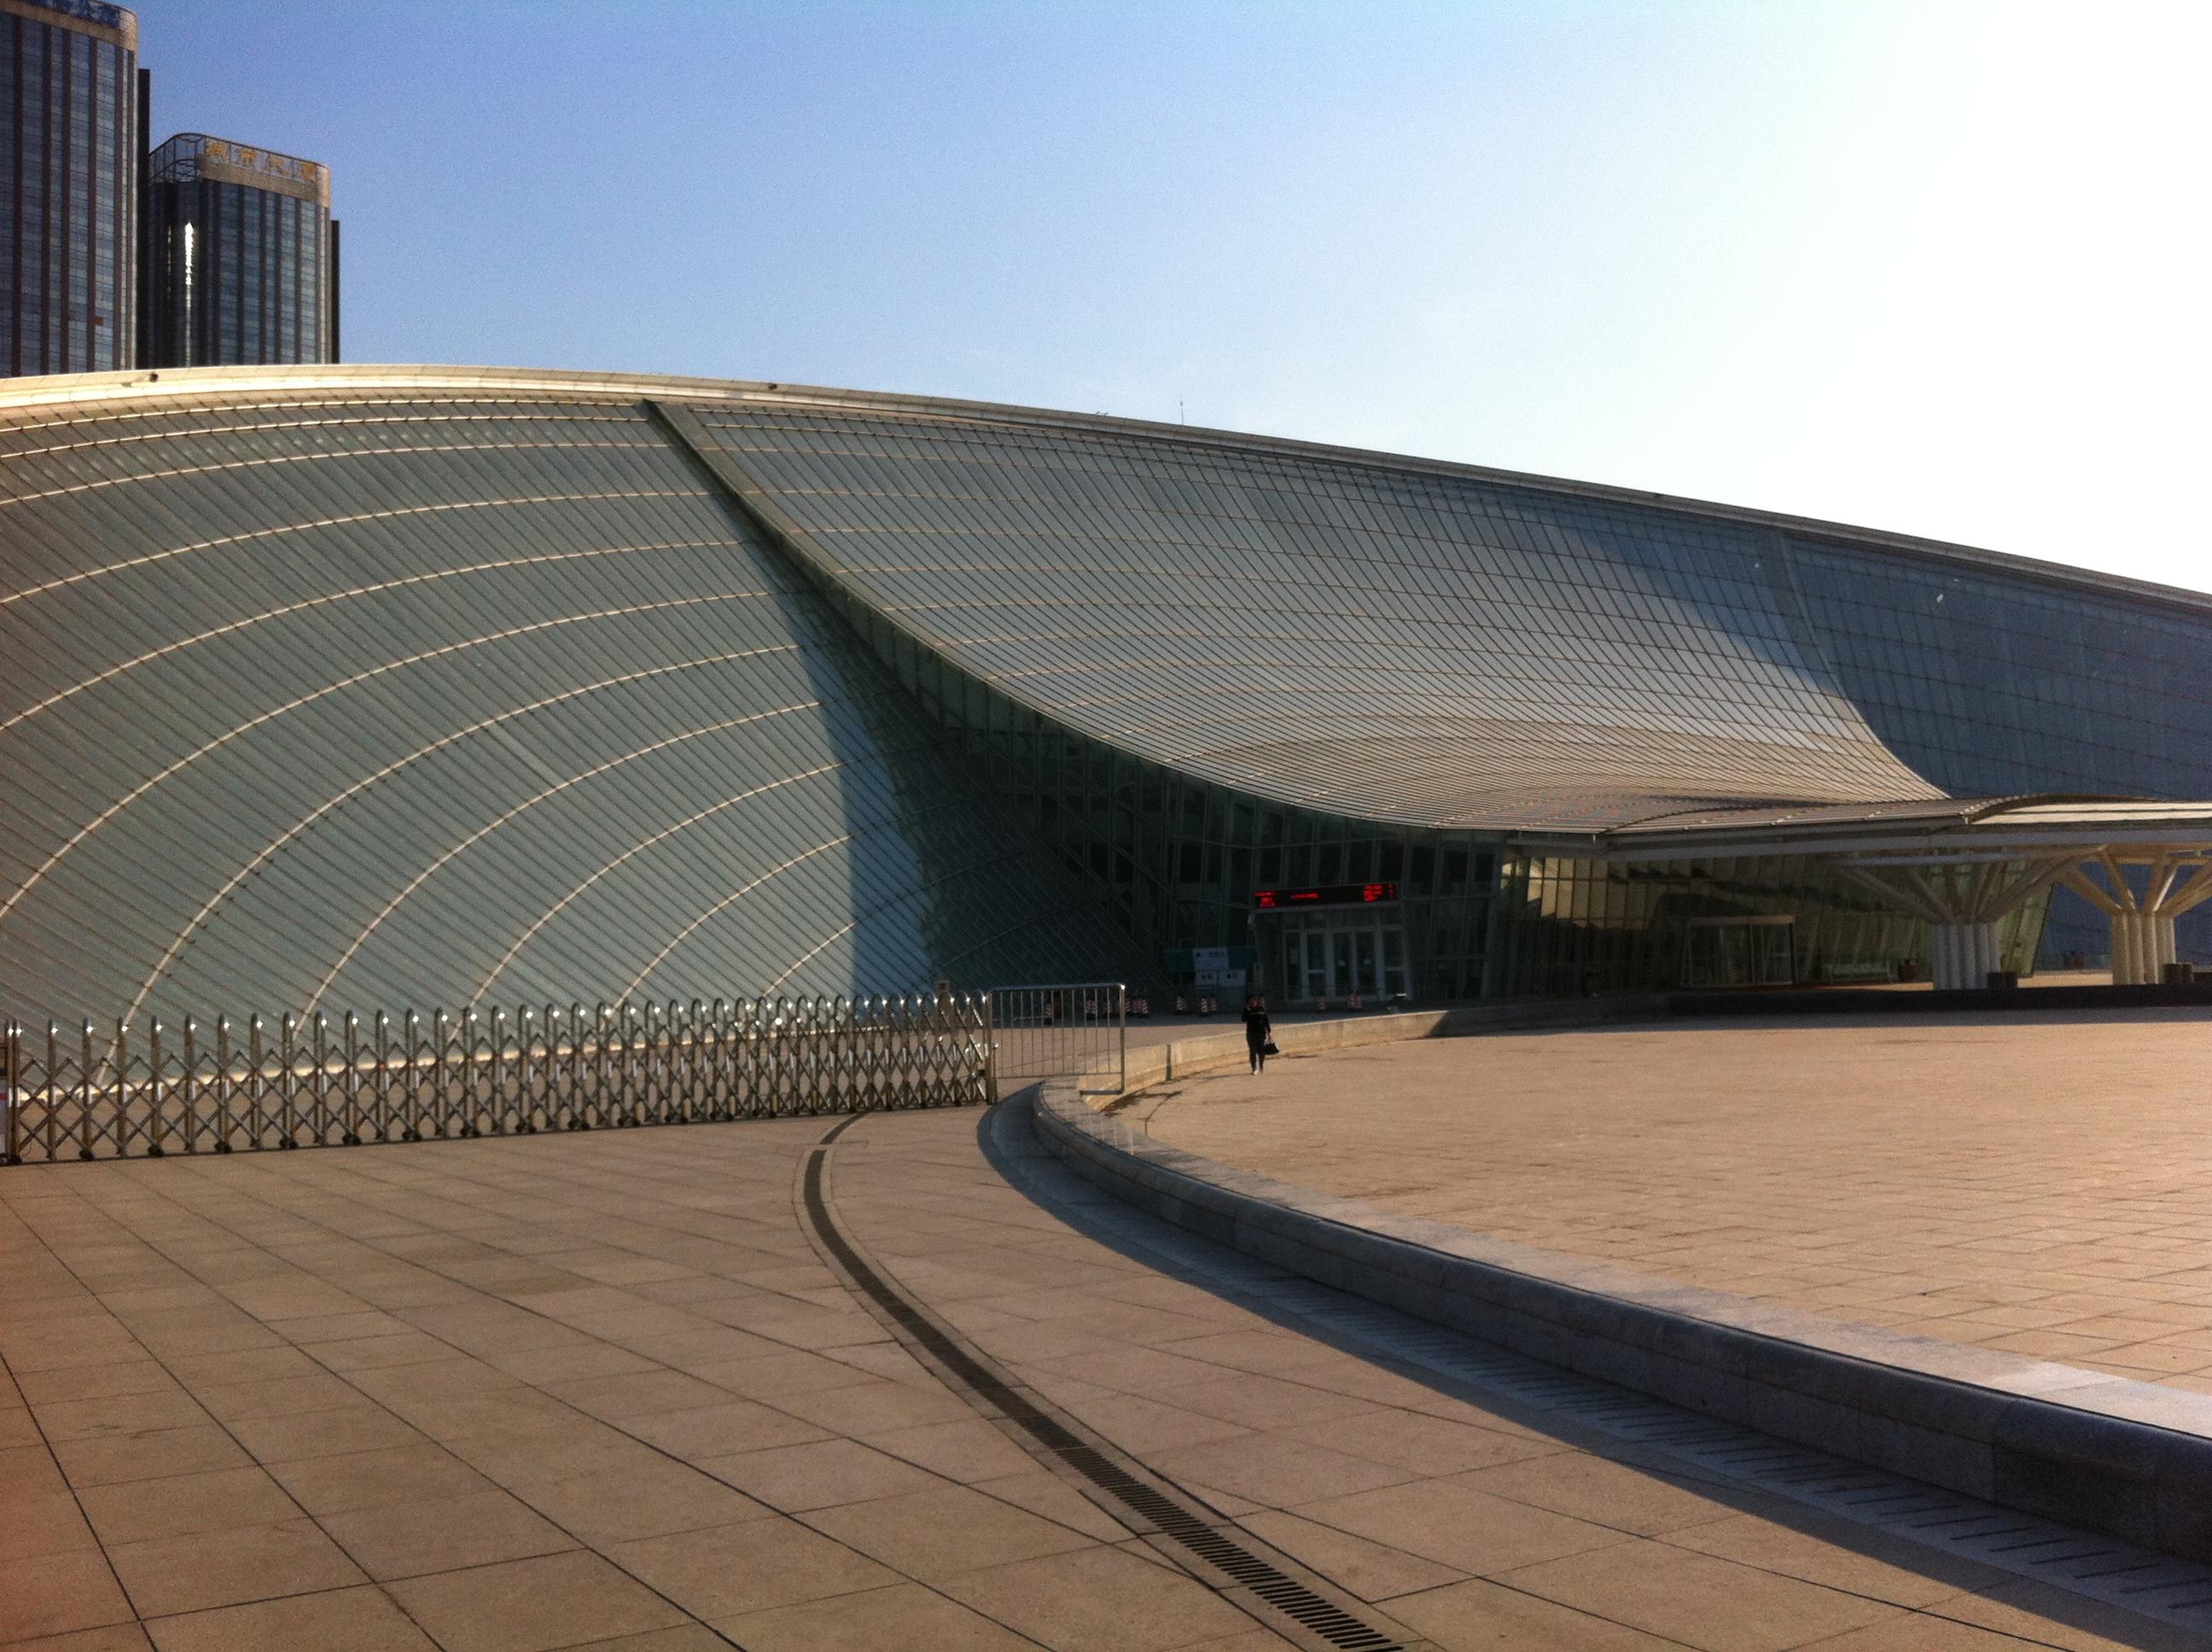 天津自然博物馆开馆_天津自然博物馆地址_排行榜大全